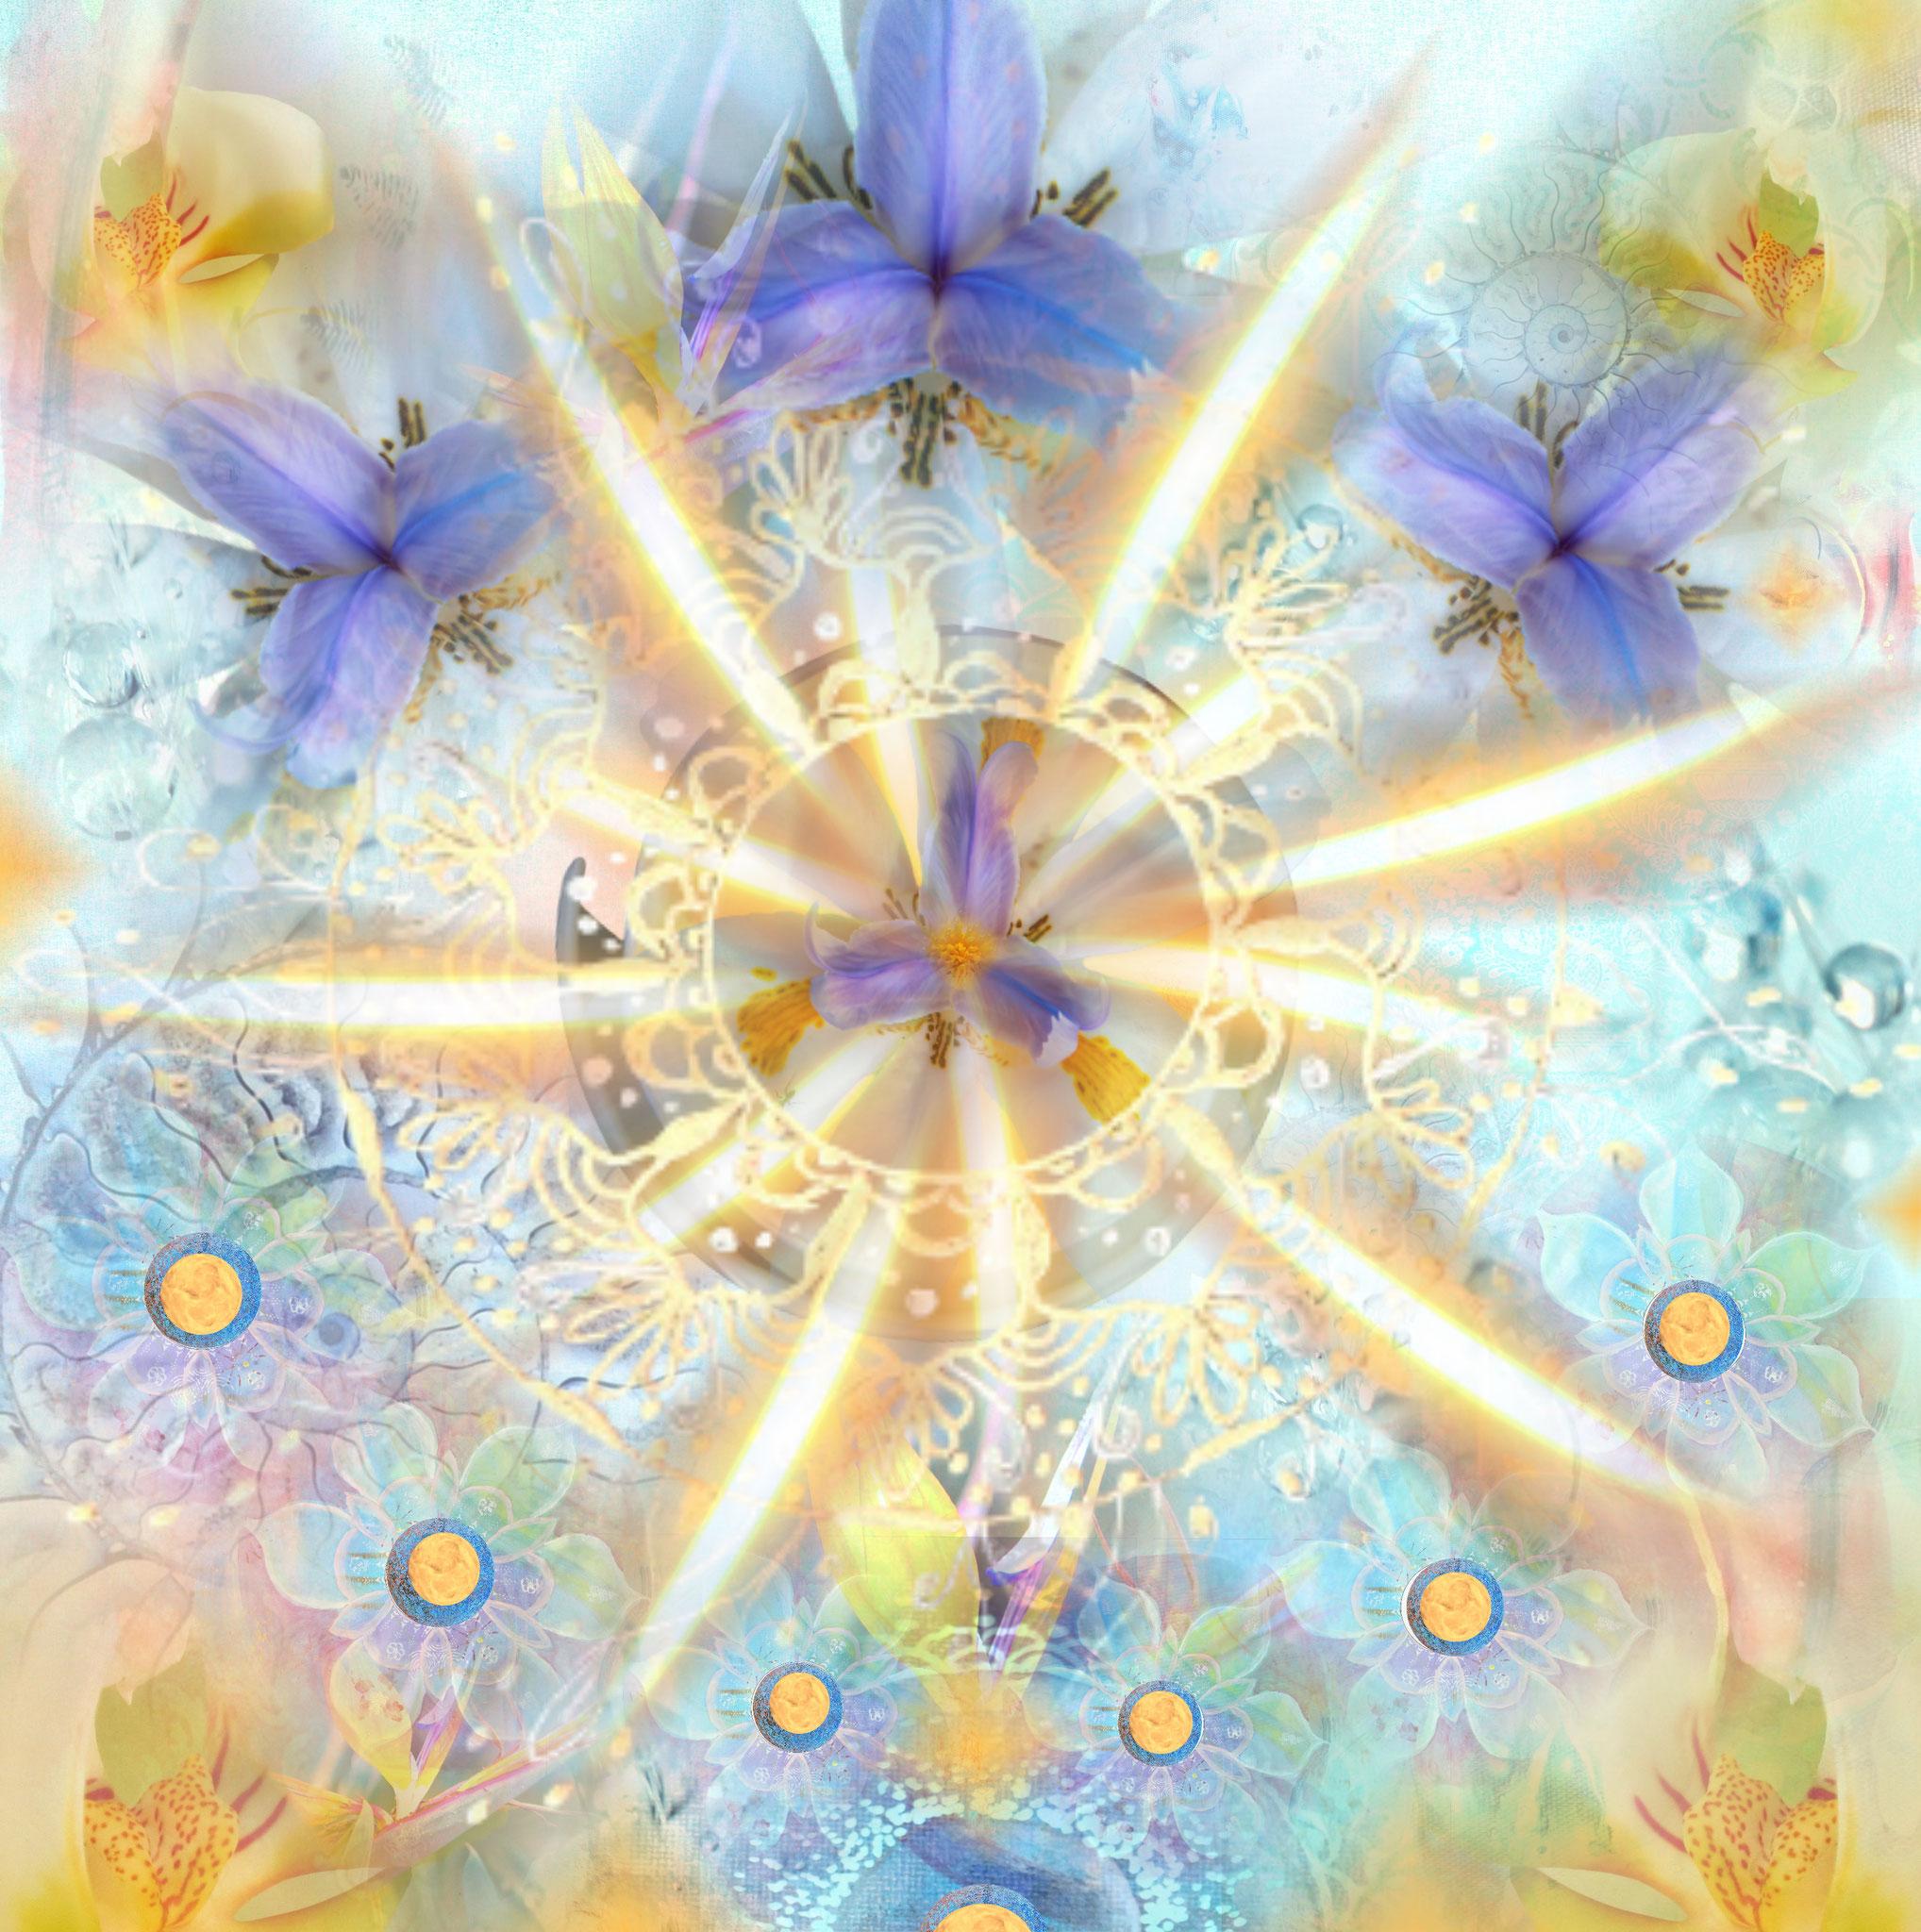 59 - Duft der Licht-Blüte